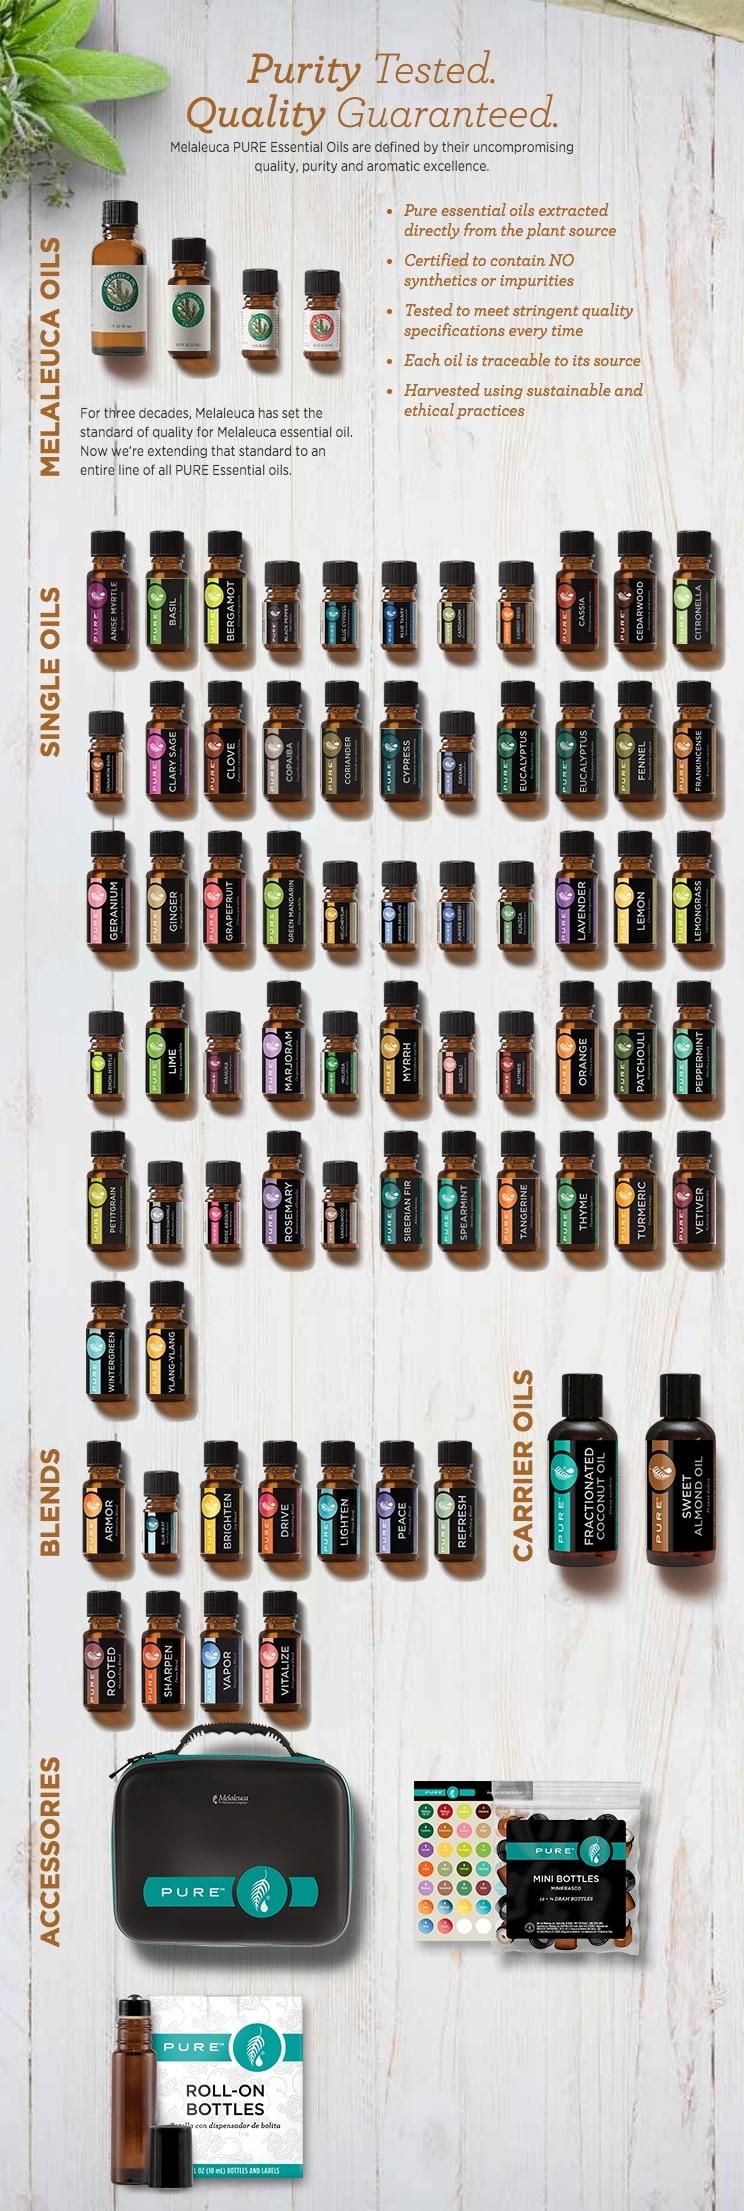 melaleuca-essential-oils